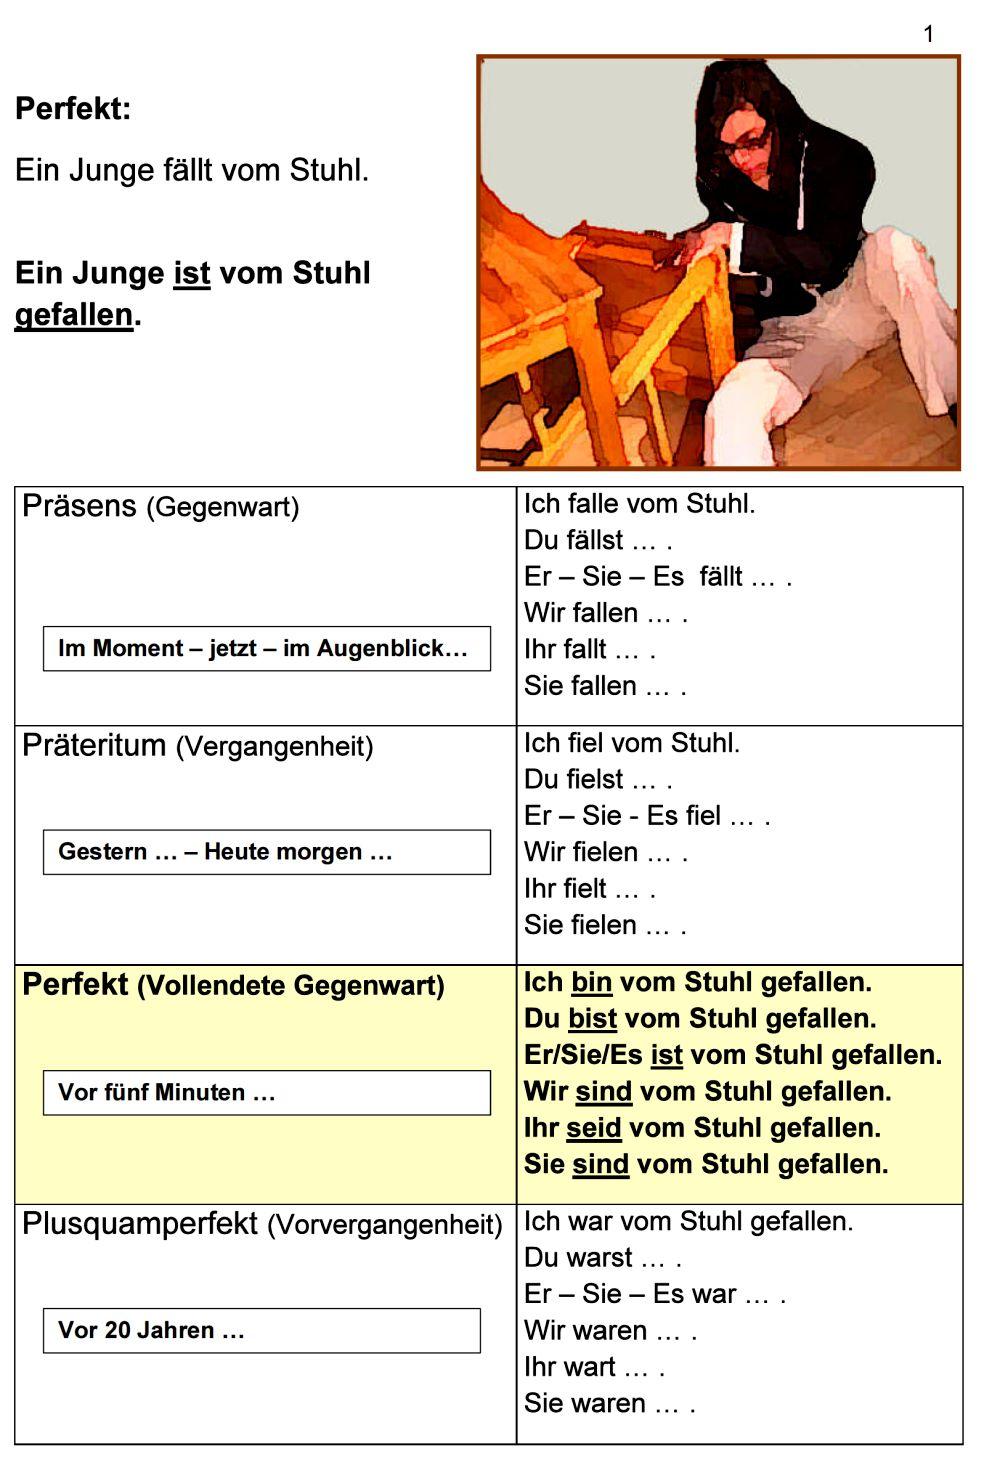 Deutsch als Fremdsprache DaF DaZ Grammatik   Perfekt Schautafeln